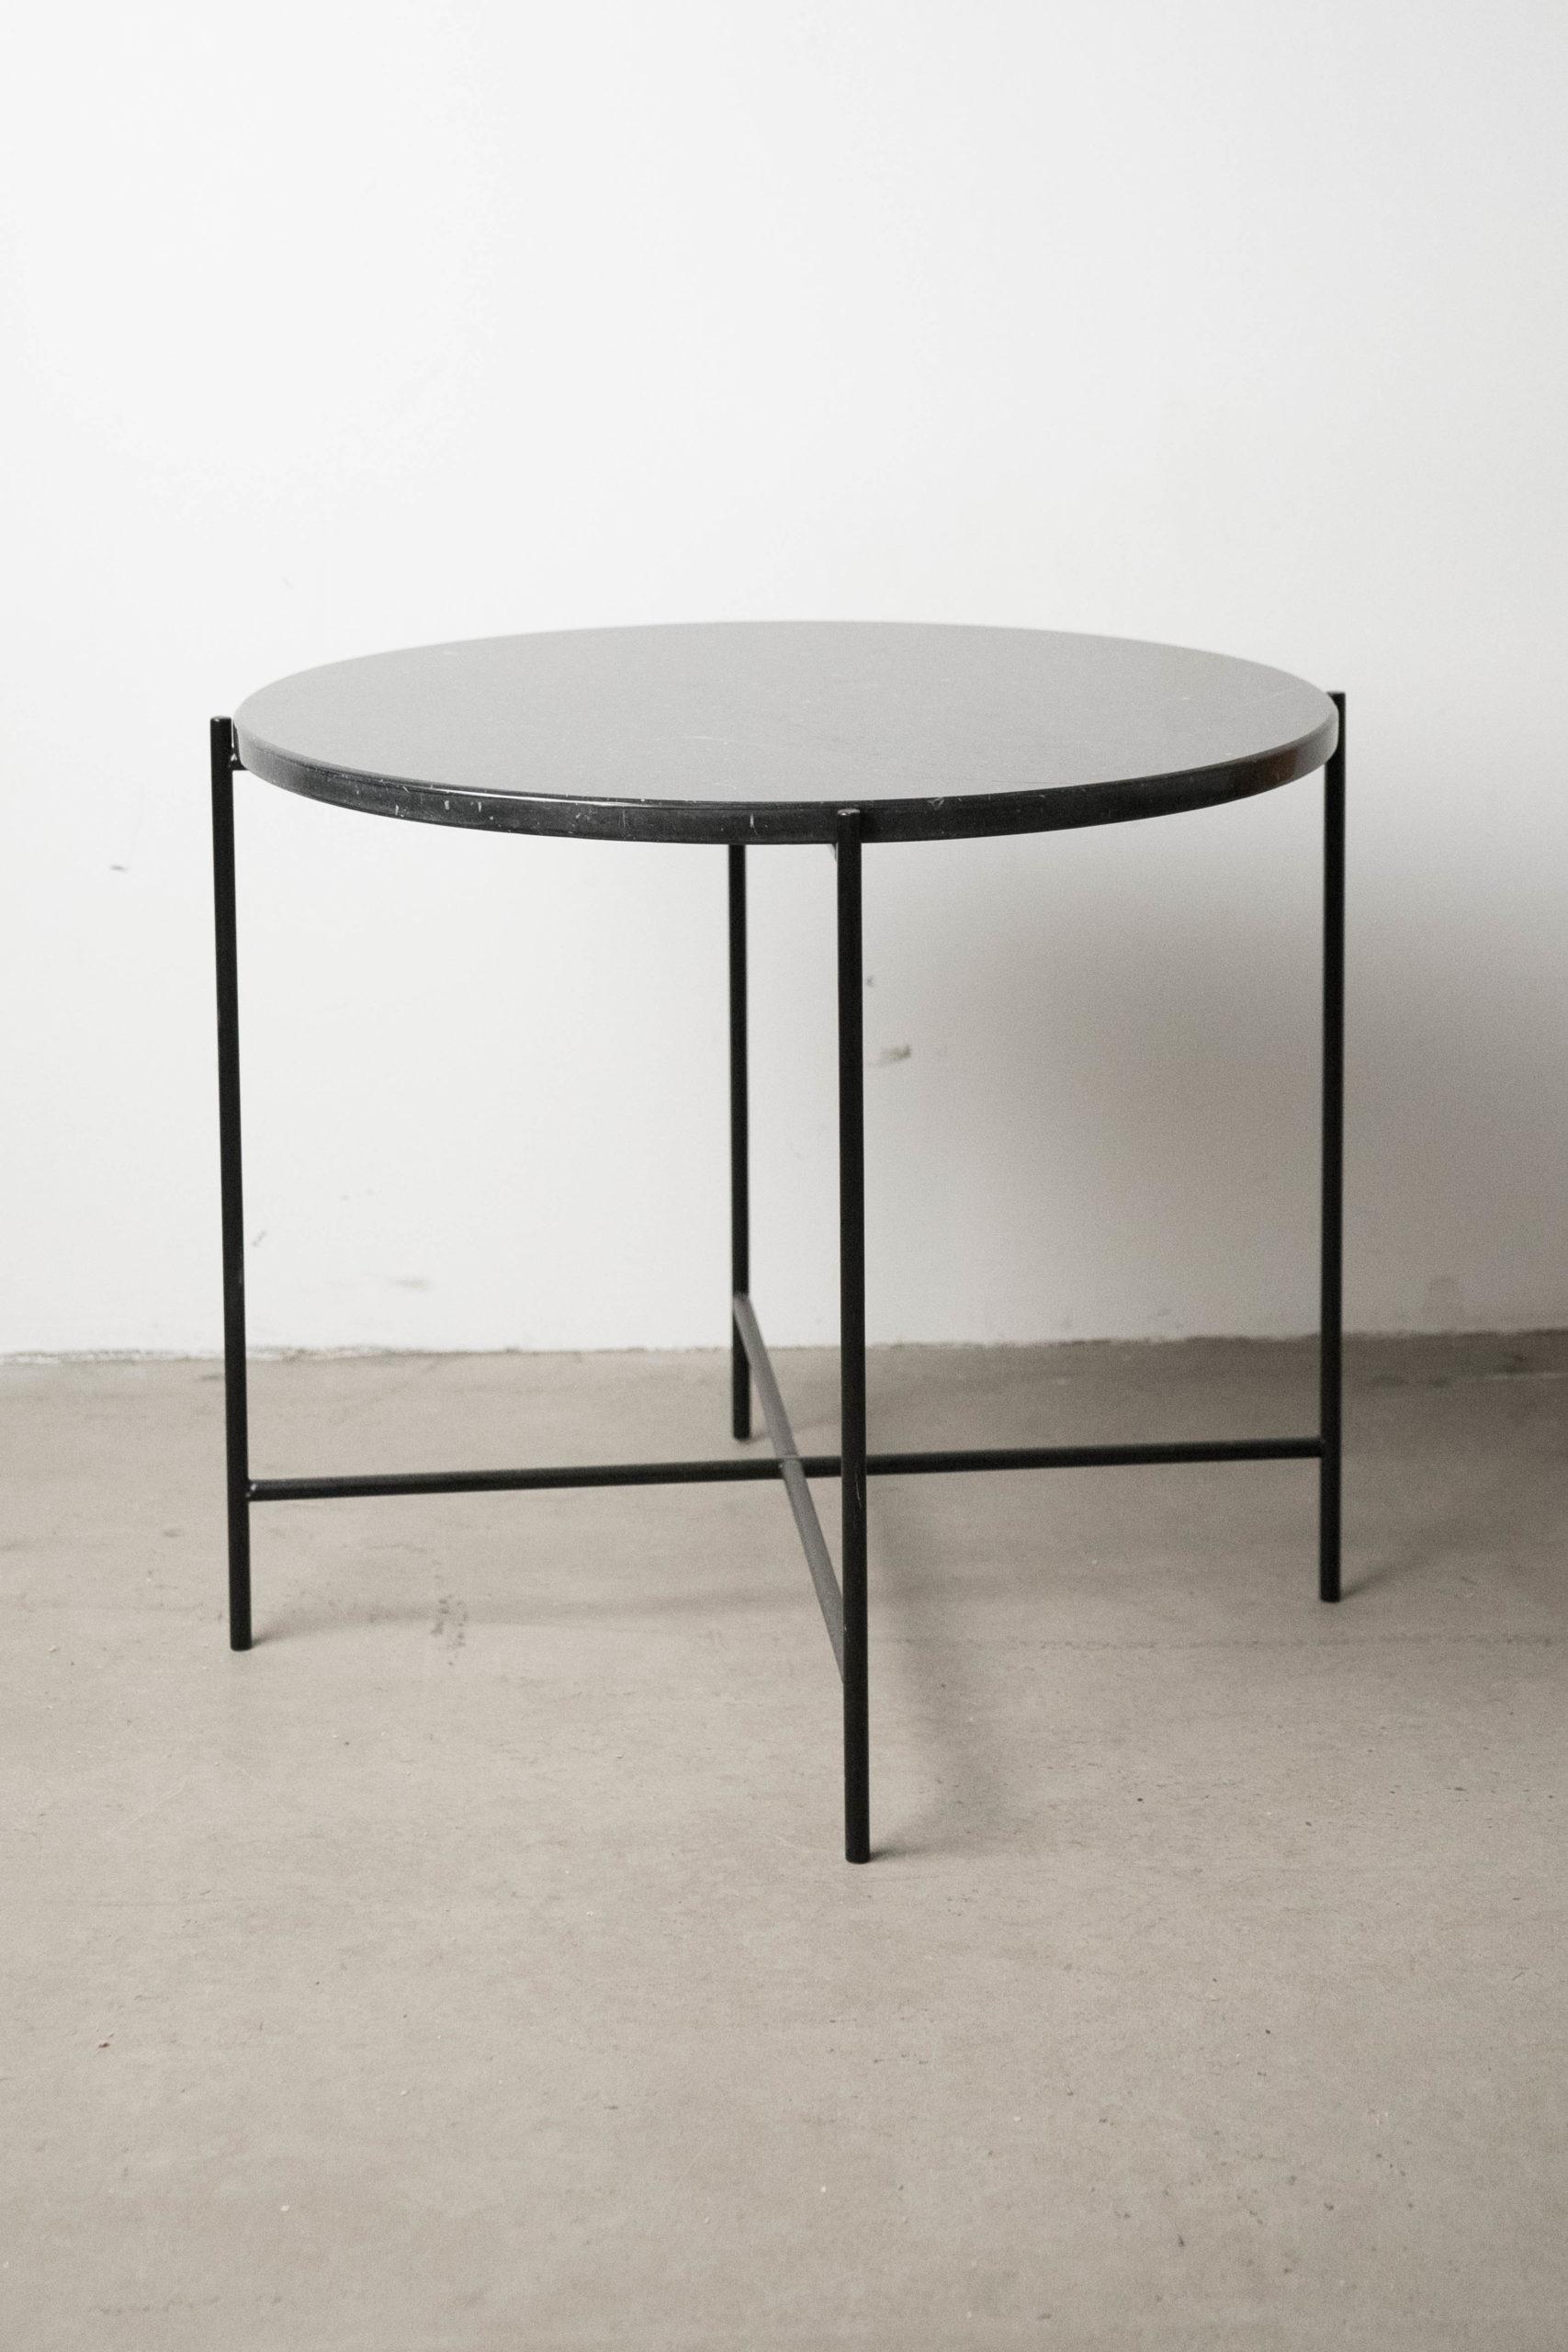 detalle de mesa vista general mesa grande negra